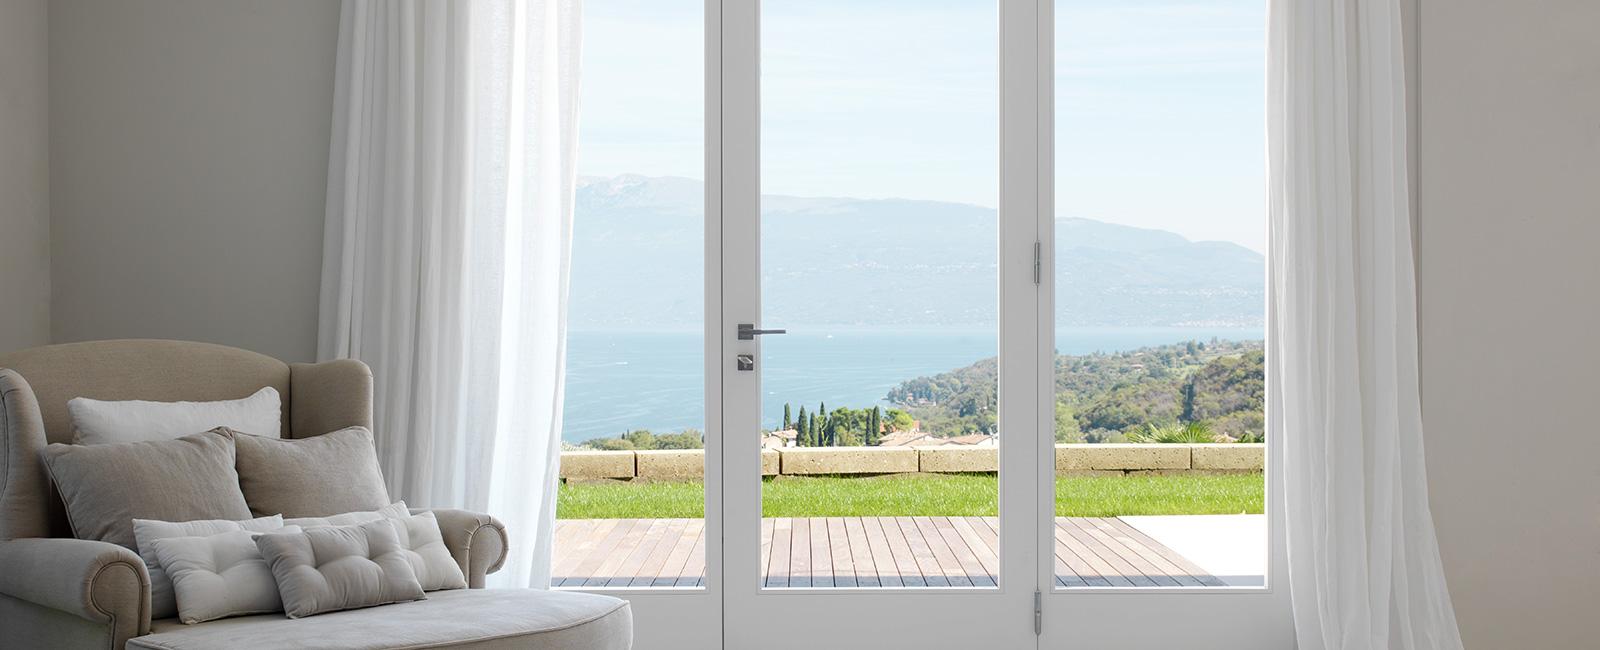 Finestre e porte finestre in legno su misura falegnameria maestri - Porte e finestre vicenza ...